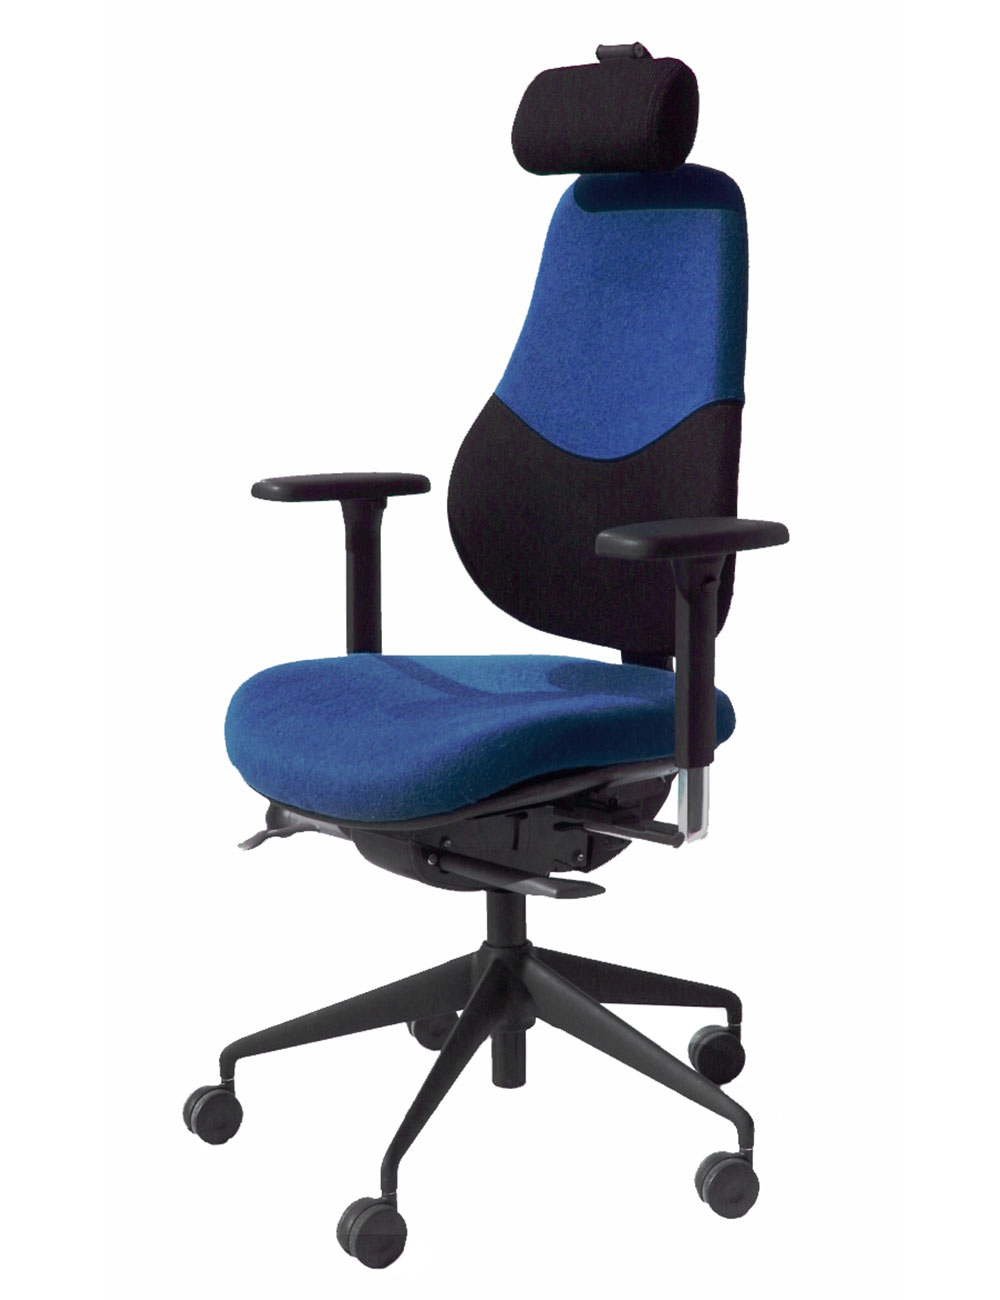 Pleasant Orangebox Active Ergonomics Flo3 High Back Inzonedesignstudio Interior Chair Design Inzonedesignstudiocom